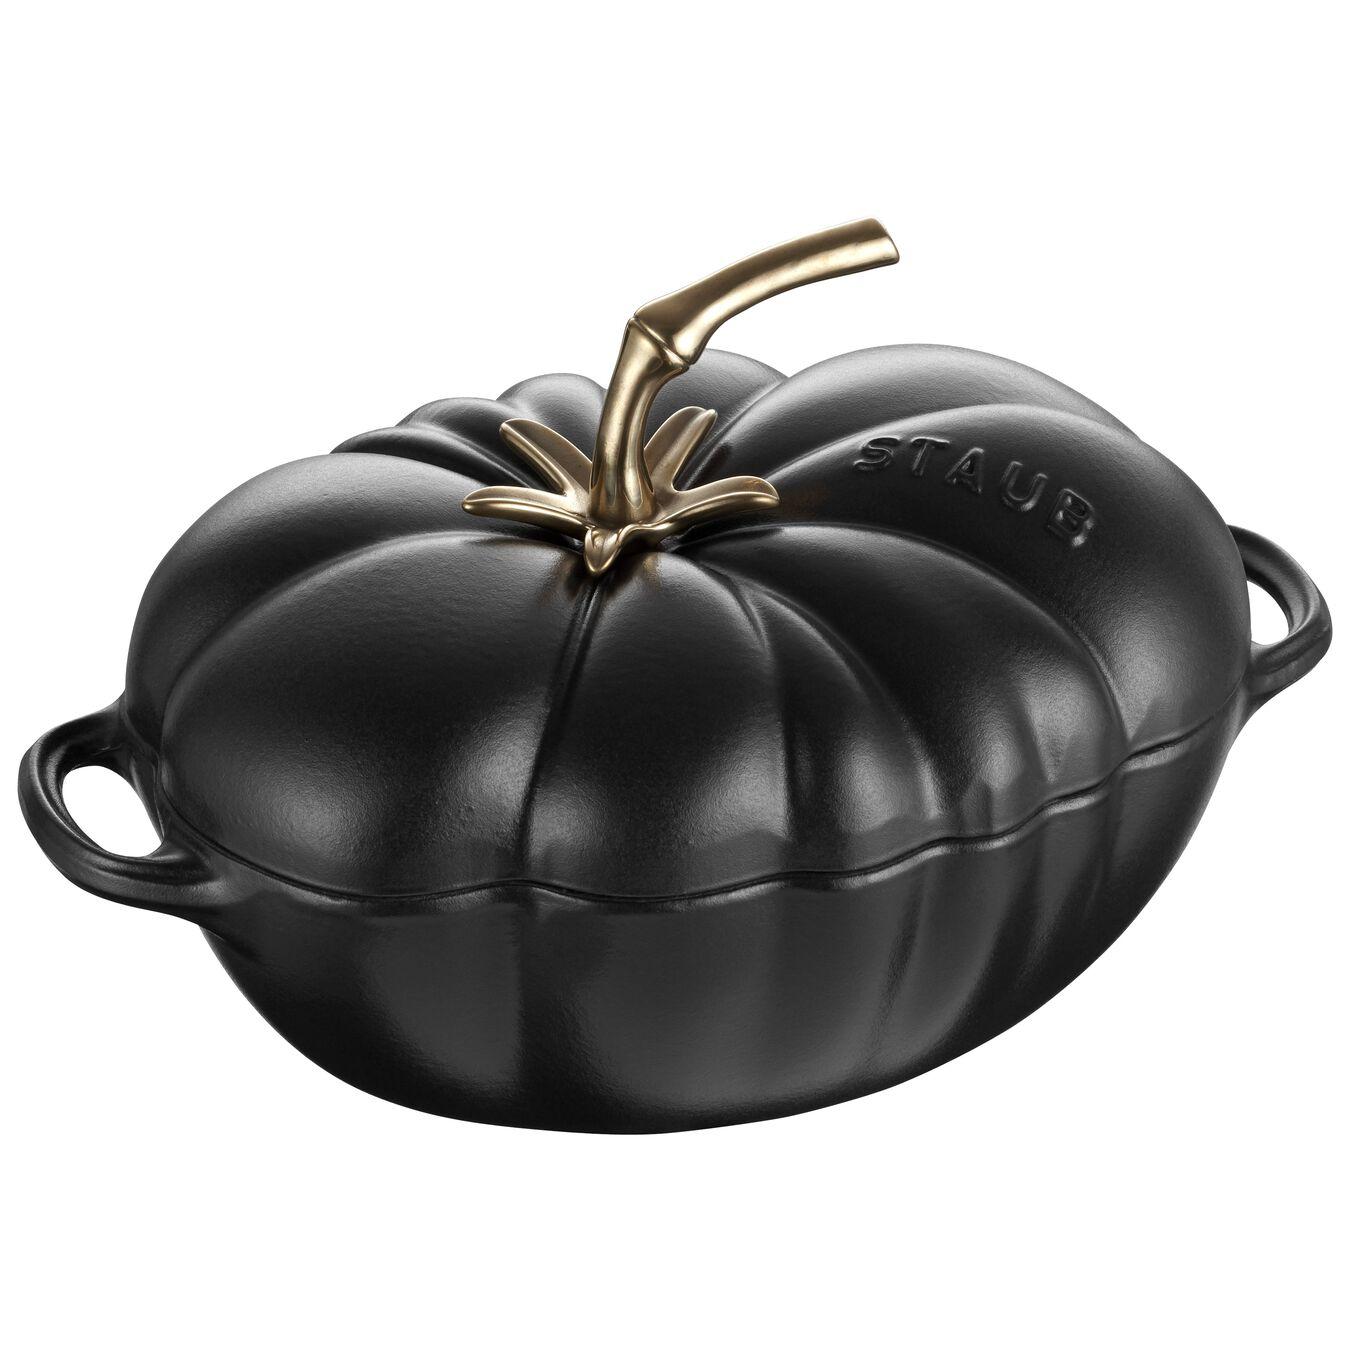 3-qt Tomato Cocotte - Matte Black,,large 1